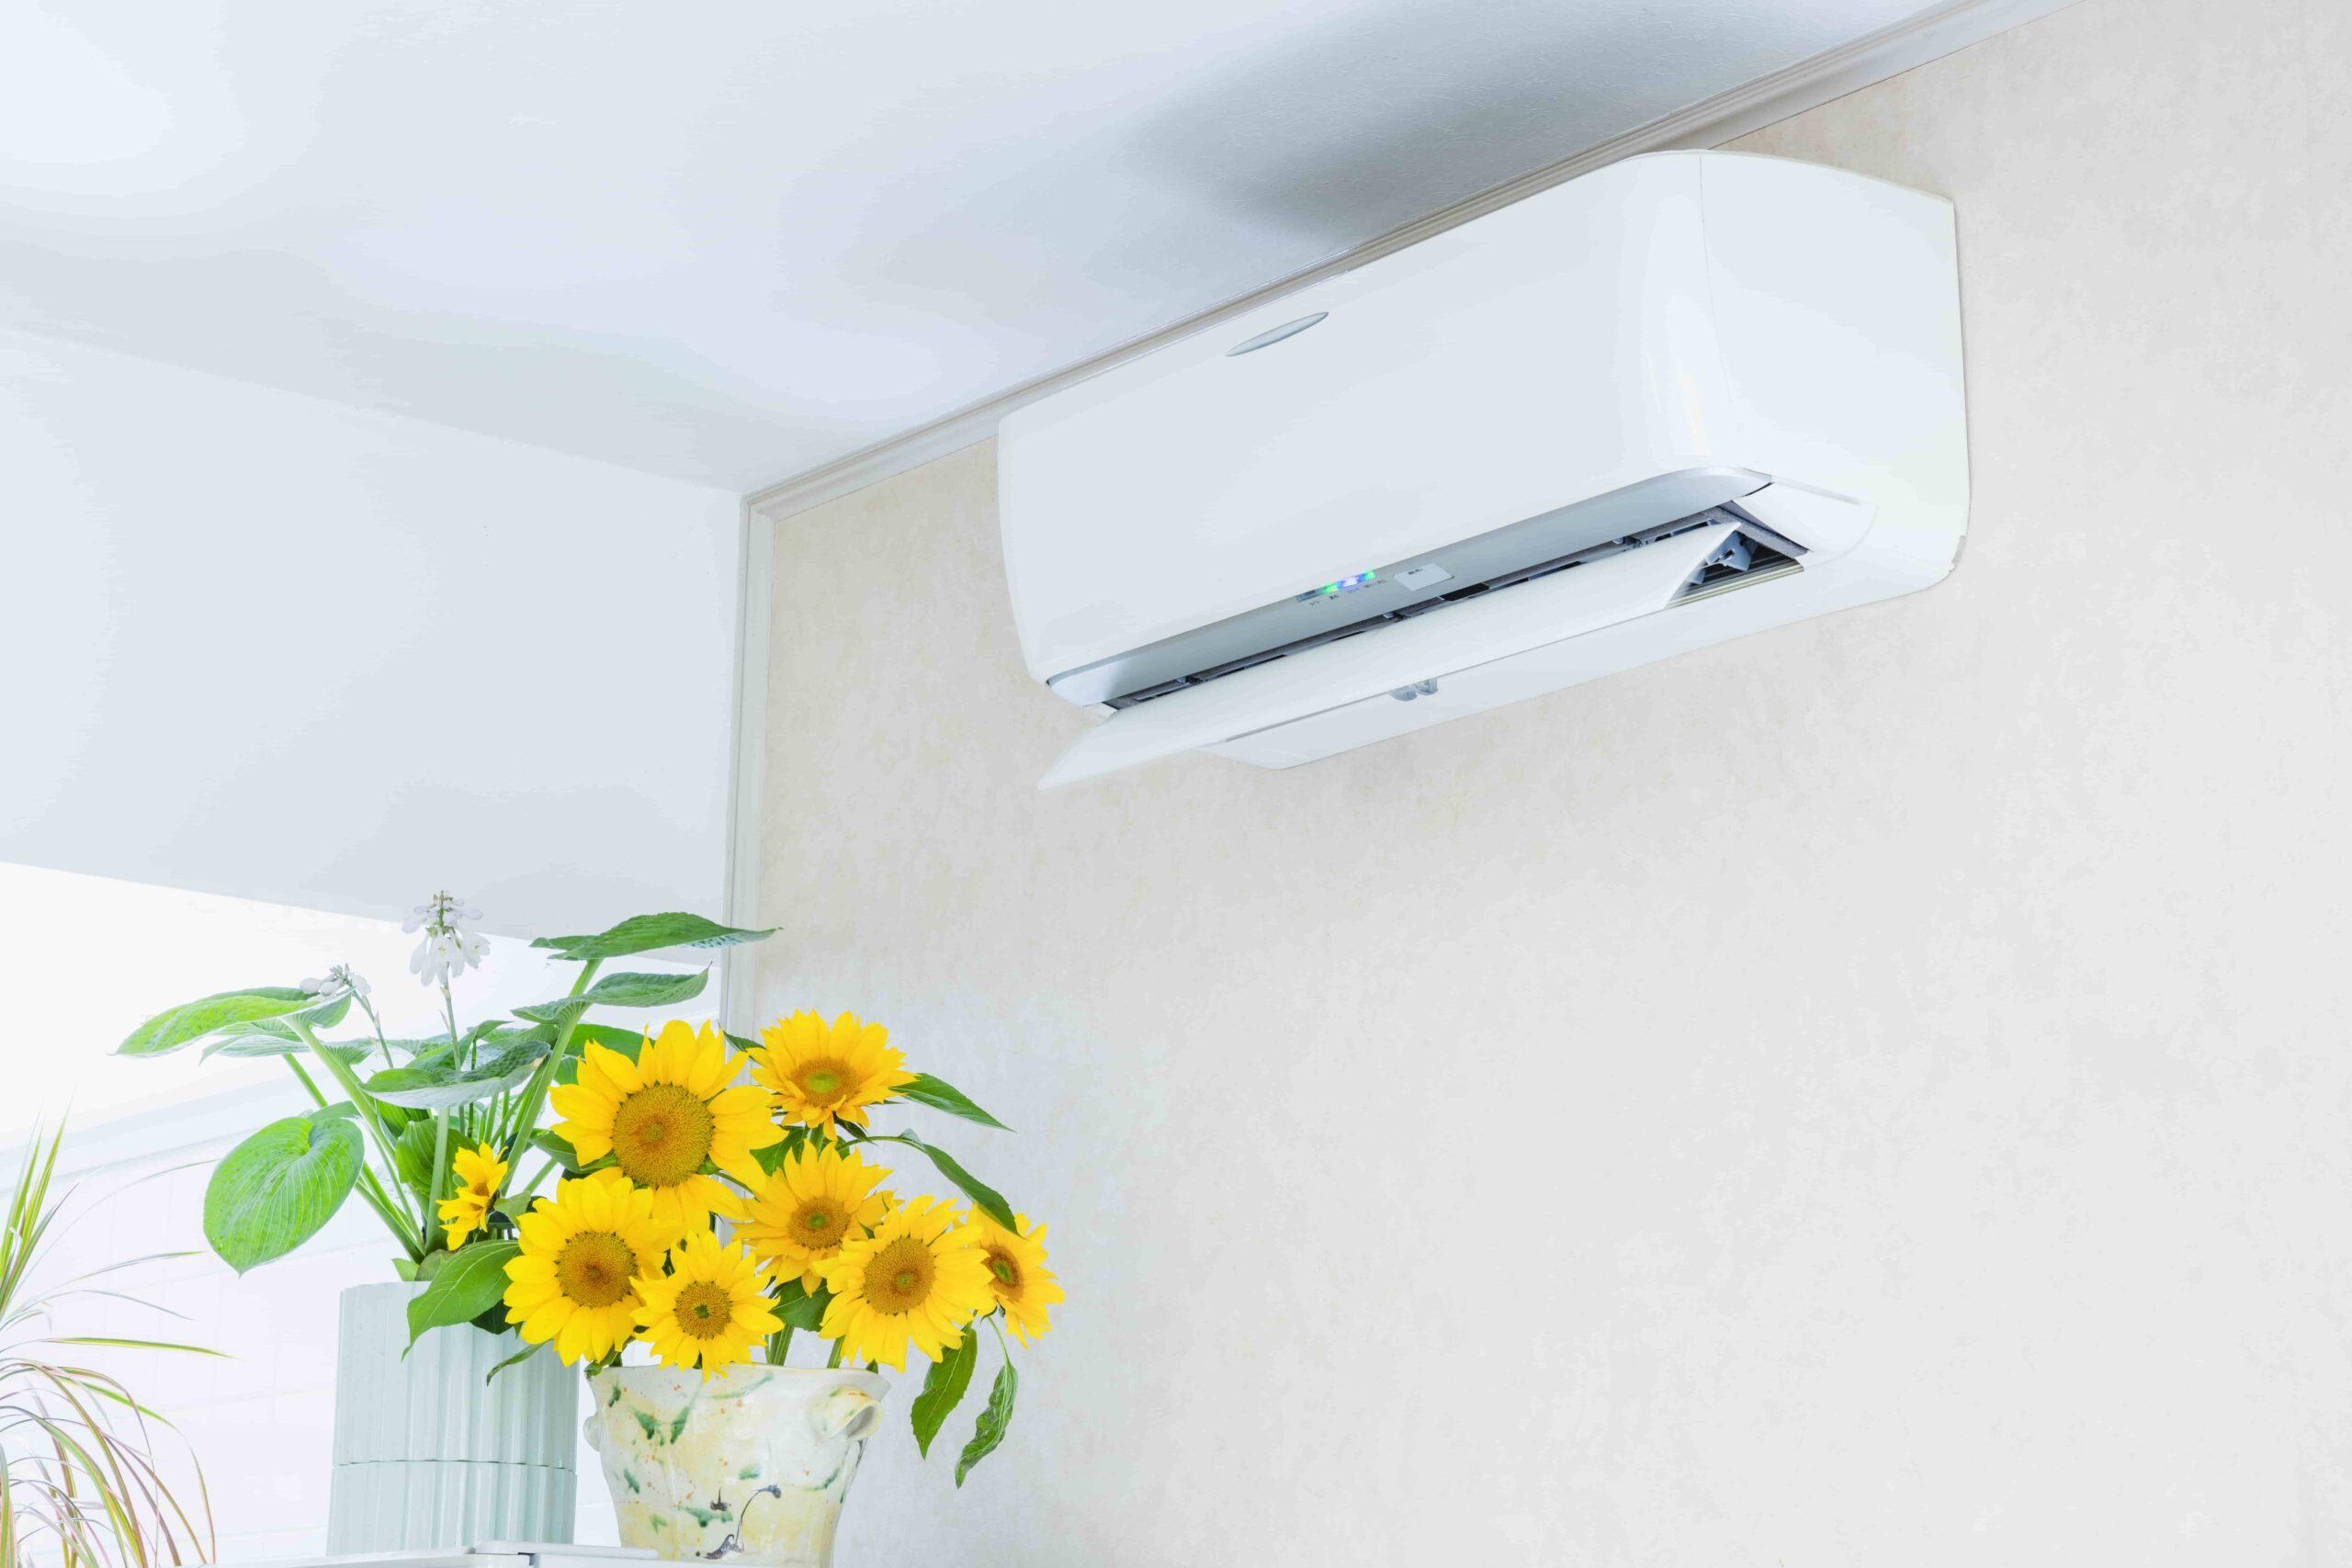 「夏が来る前に!業務用エアコンのメンテナンスをして夏に備えよう!」を公開しました。